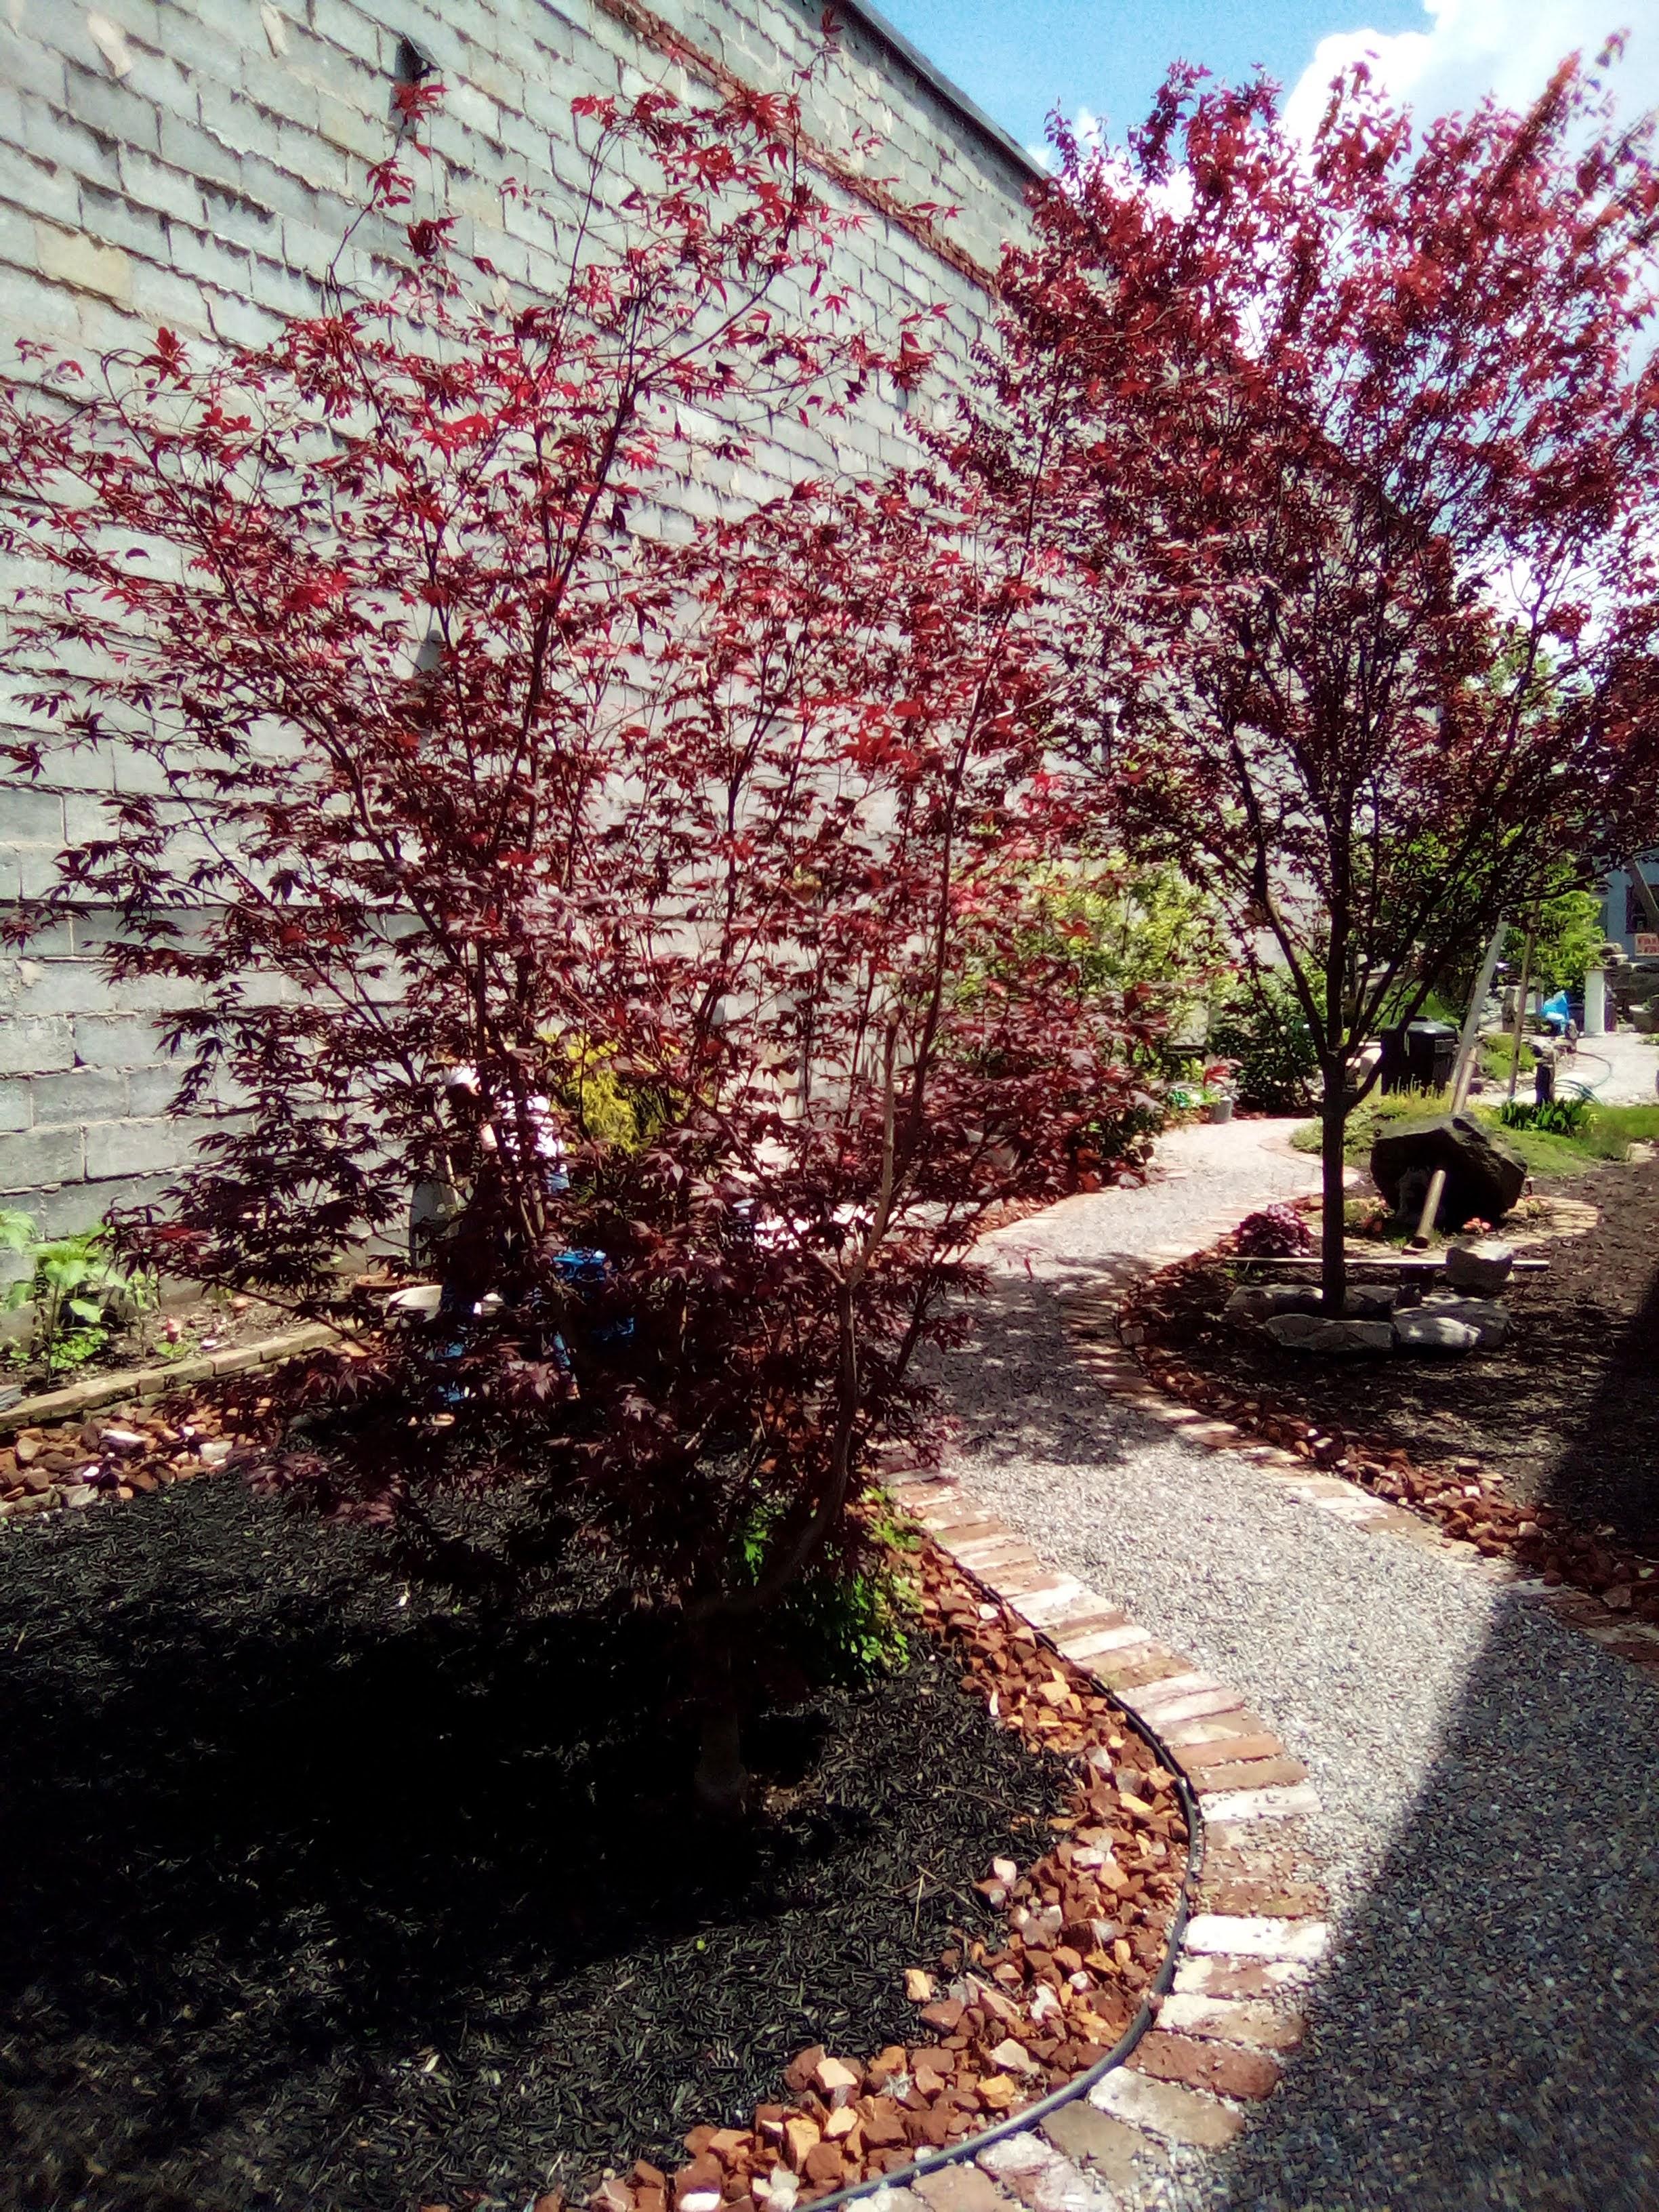 The Garden Trees